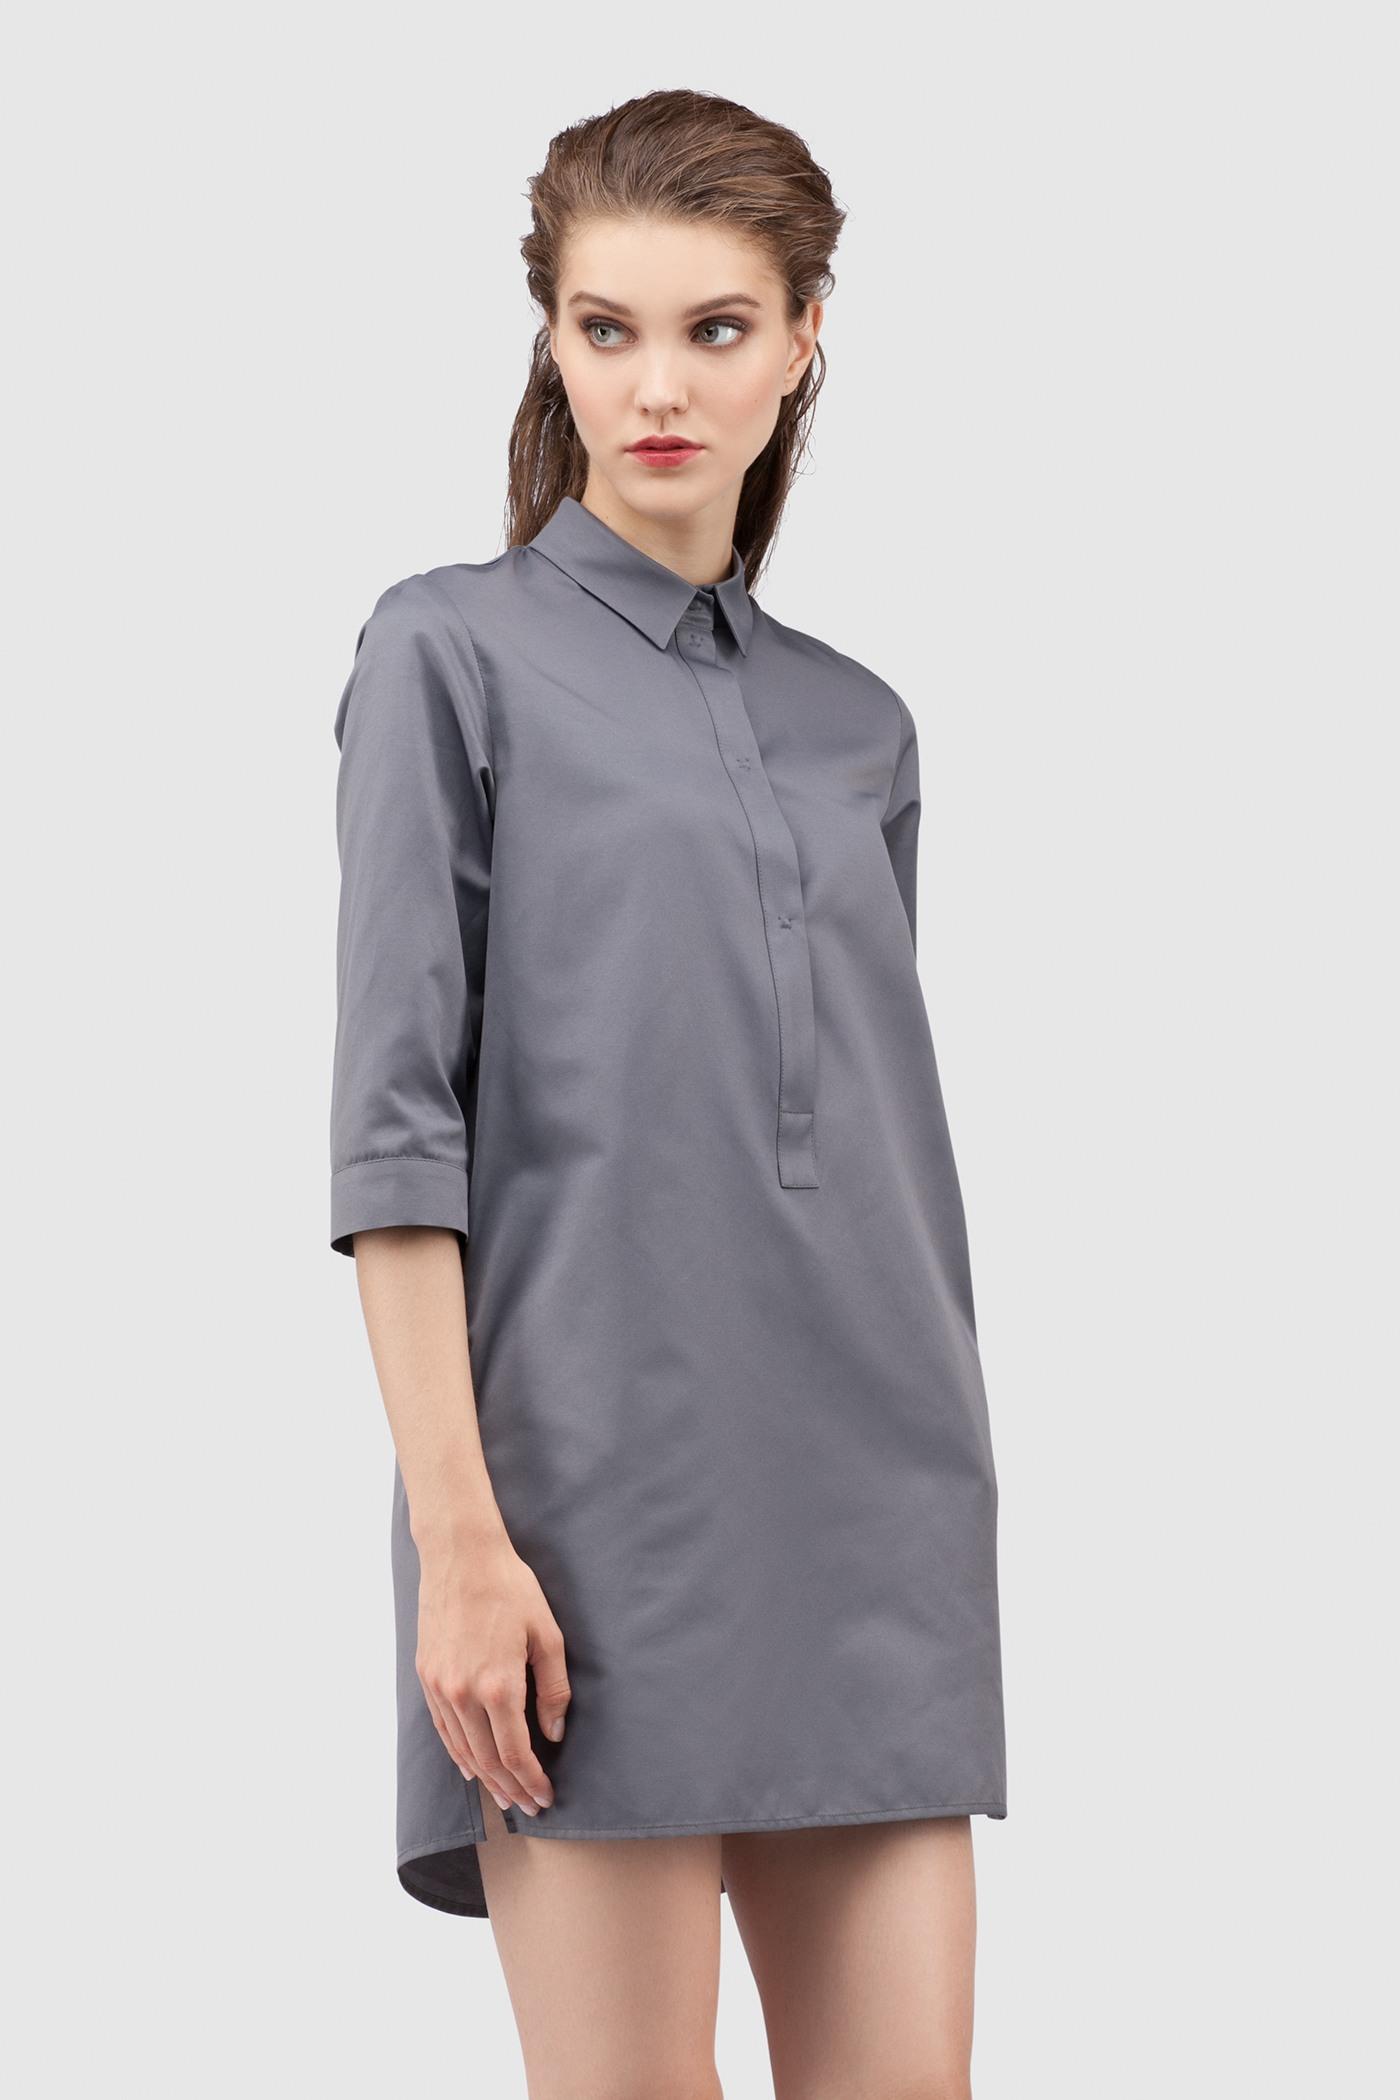 РубашкаУдлиненная рубашка из хлопка&#13;<br>&#13;<br>&#13;<br>застегивается на пуговицы&#13;<br>&#13;<br>рукава 3/4&#13;<br>&#13;<br>прямой силуэт&#13;<br>&#13;<br>длина рубашки по спинке — 80 см<br><br>Цвет: Серый<br>Размер: XXS, XS, S, M, L